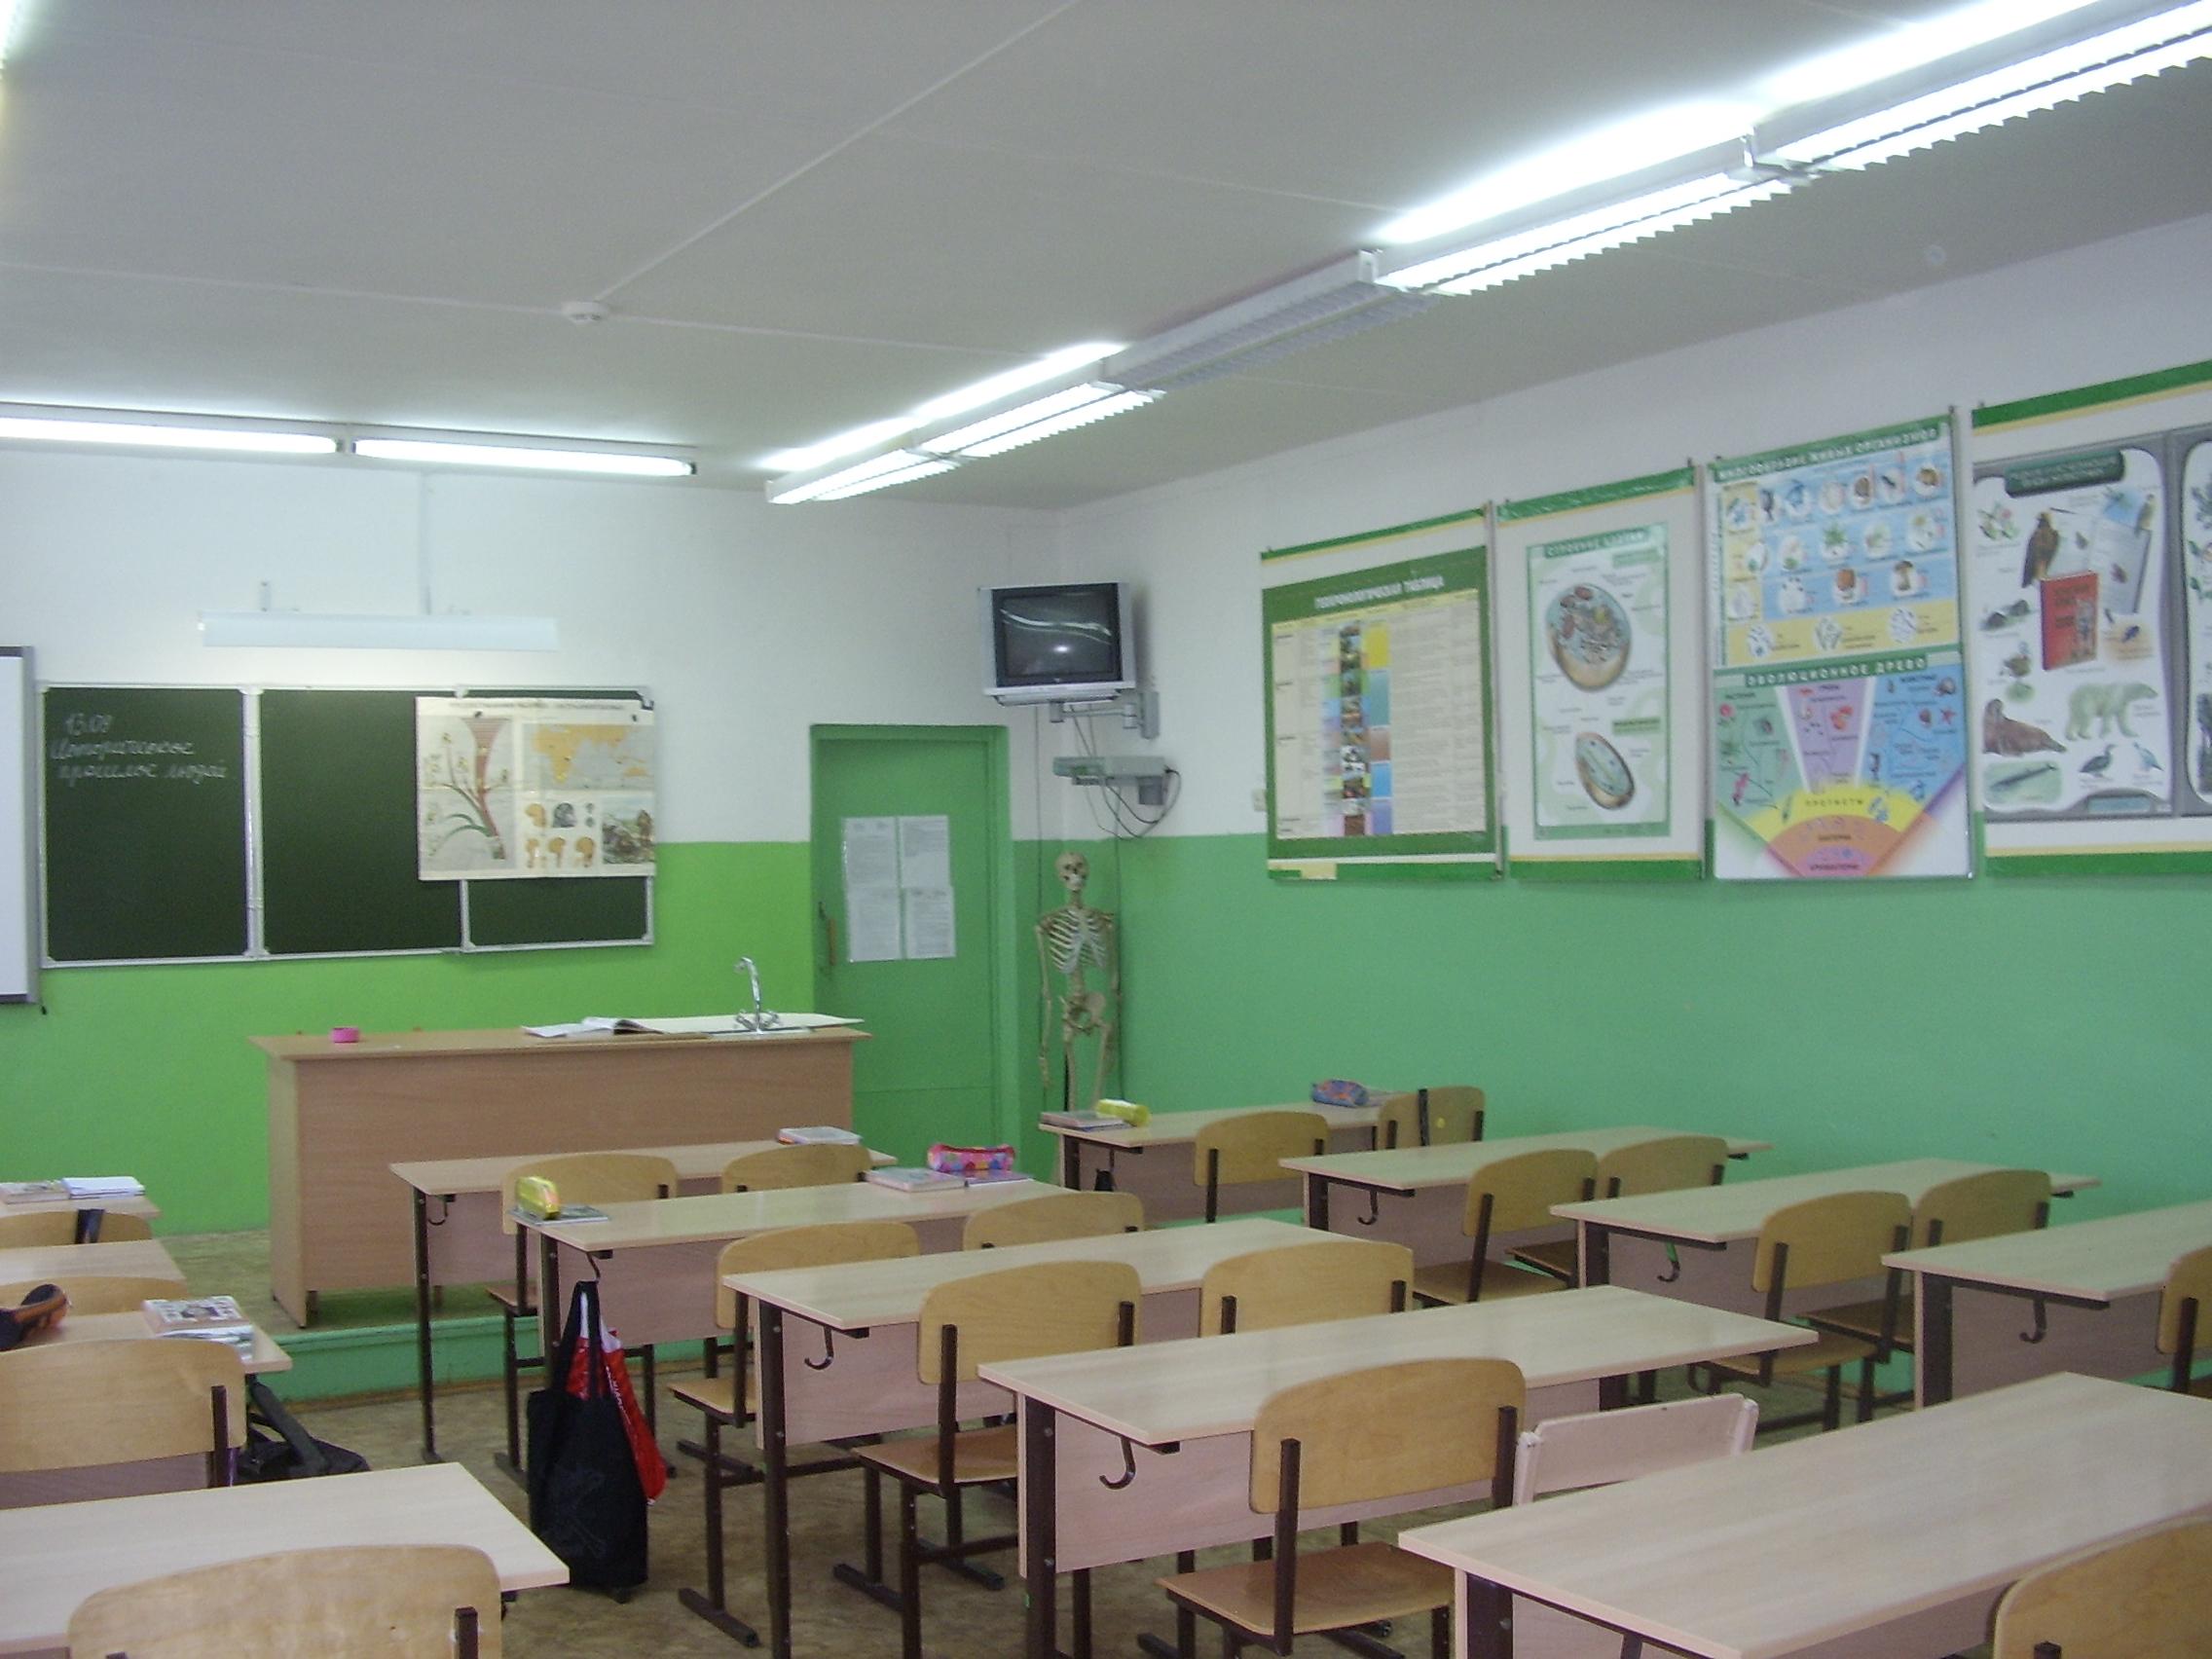 Оформление кабинета физики в школе своими руками